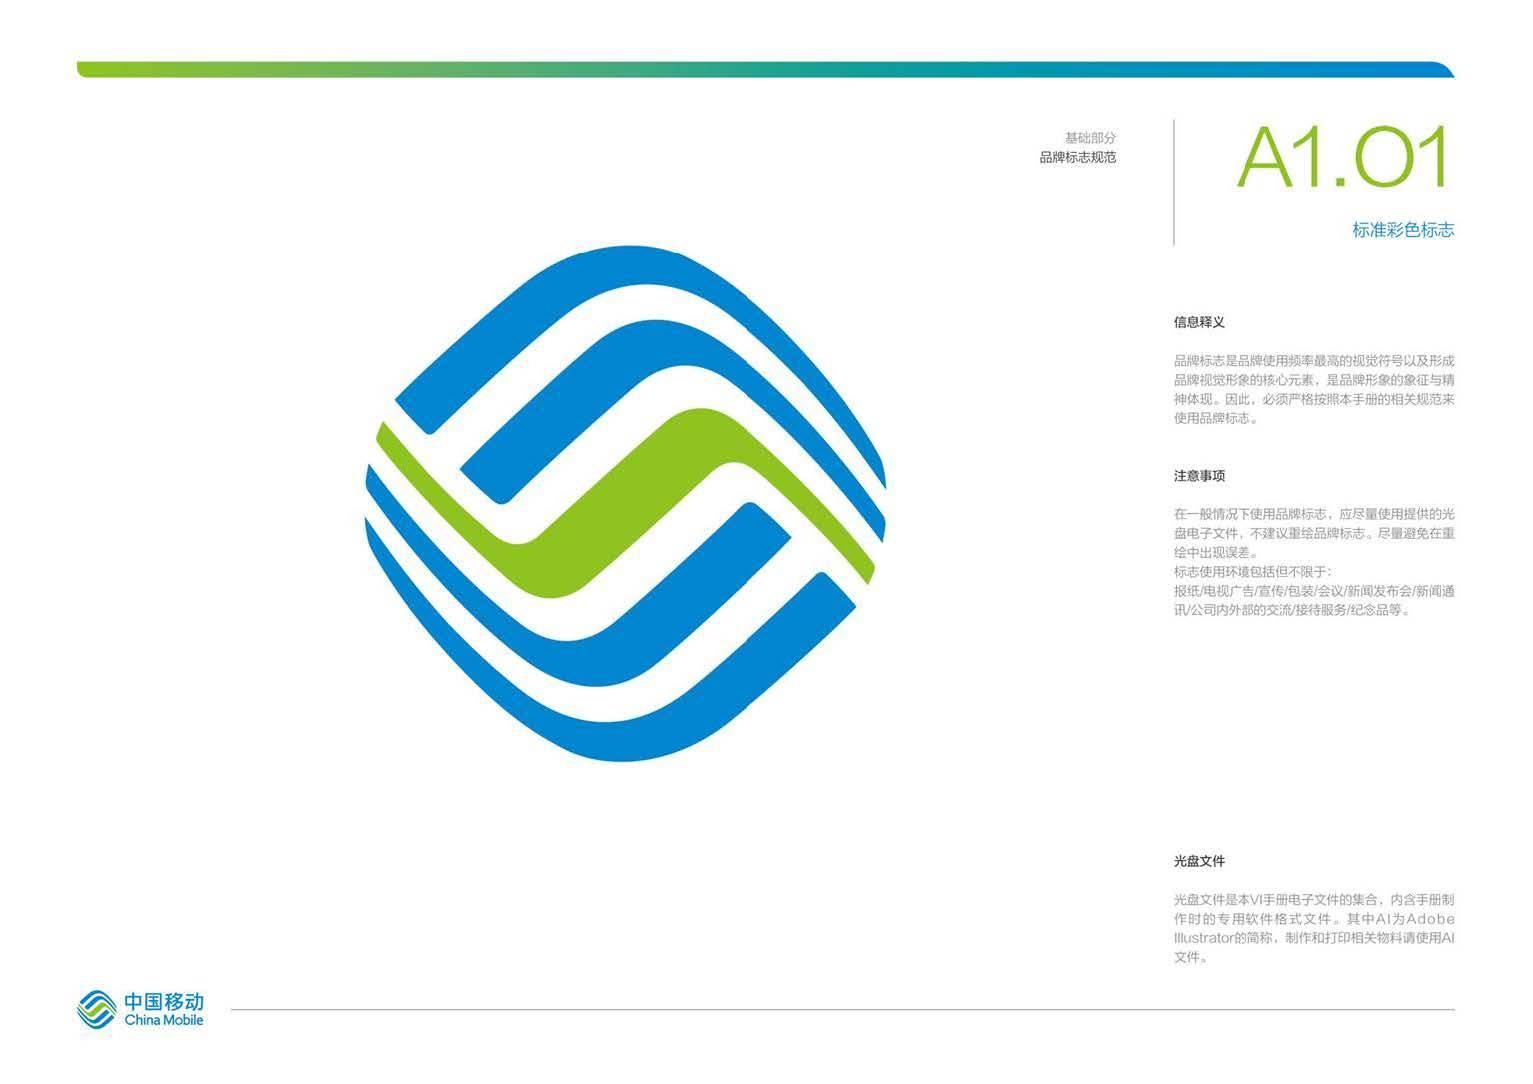 中国移动logo含义